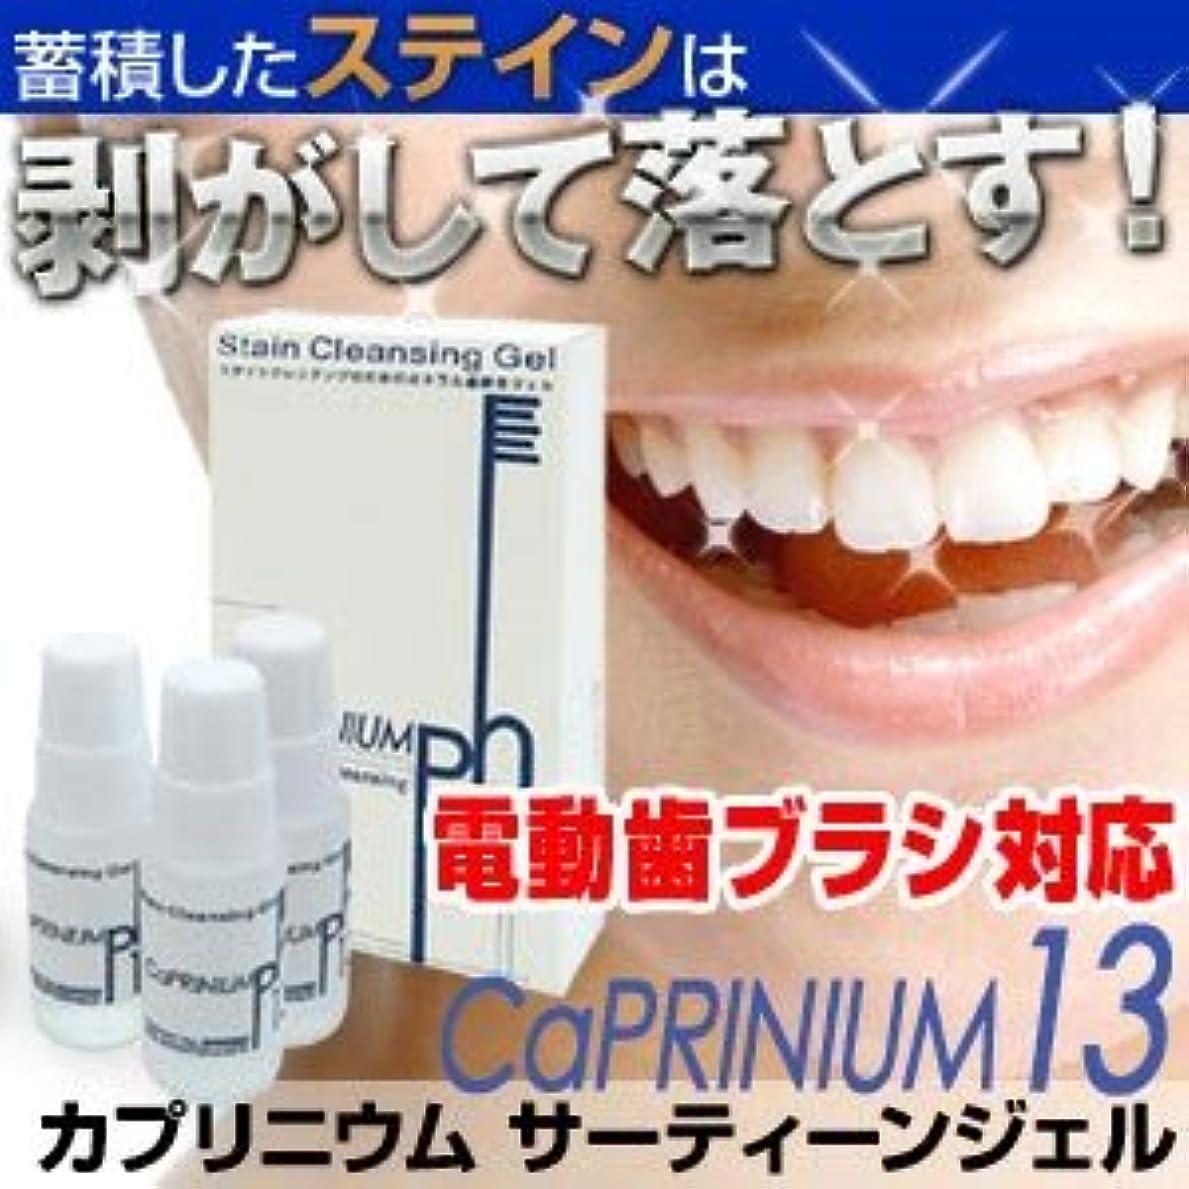 微生物ご意見九時四十五分カプリニウム サーティーンジェル(CaPRINIUM 13) 新発想のホワイトニング歯磨きジェル